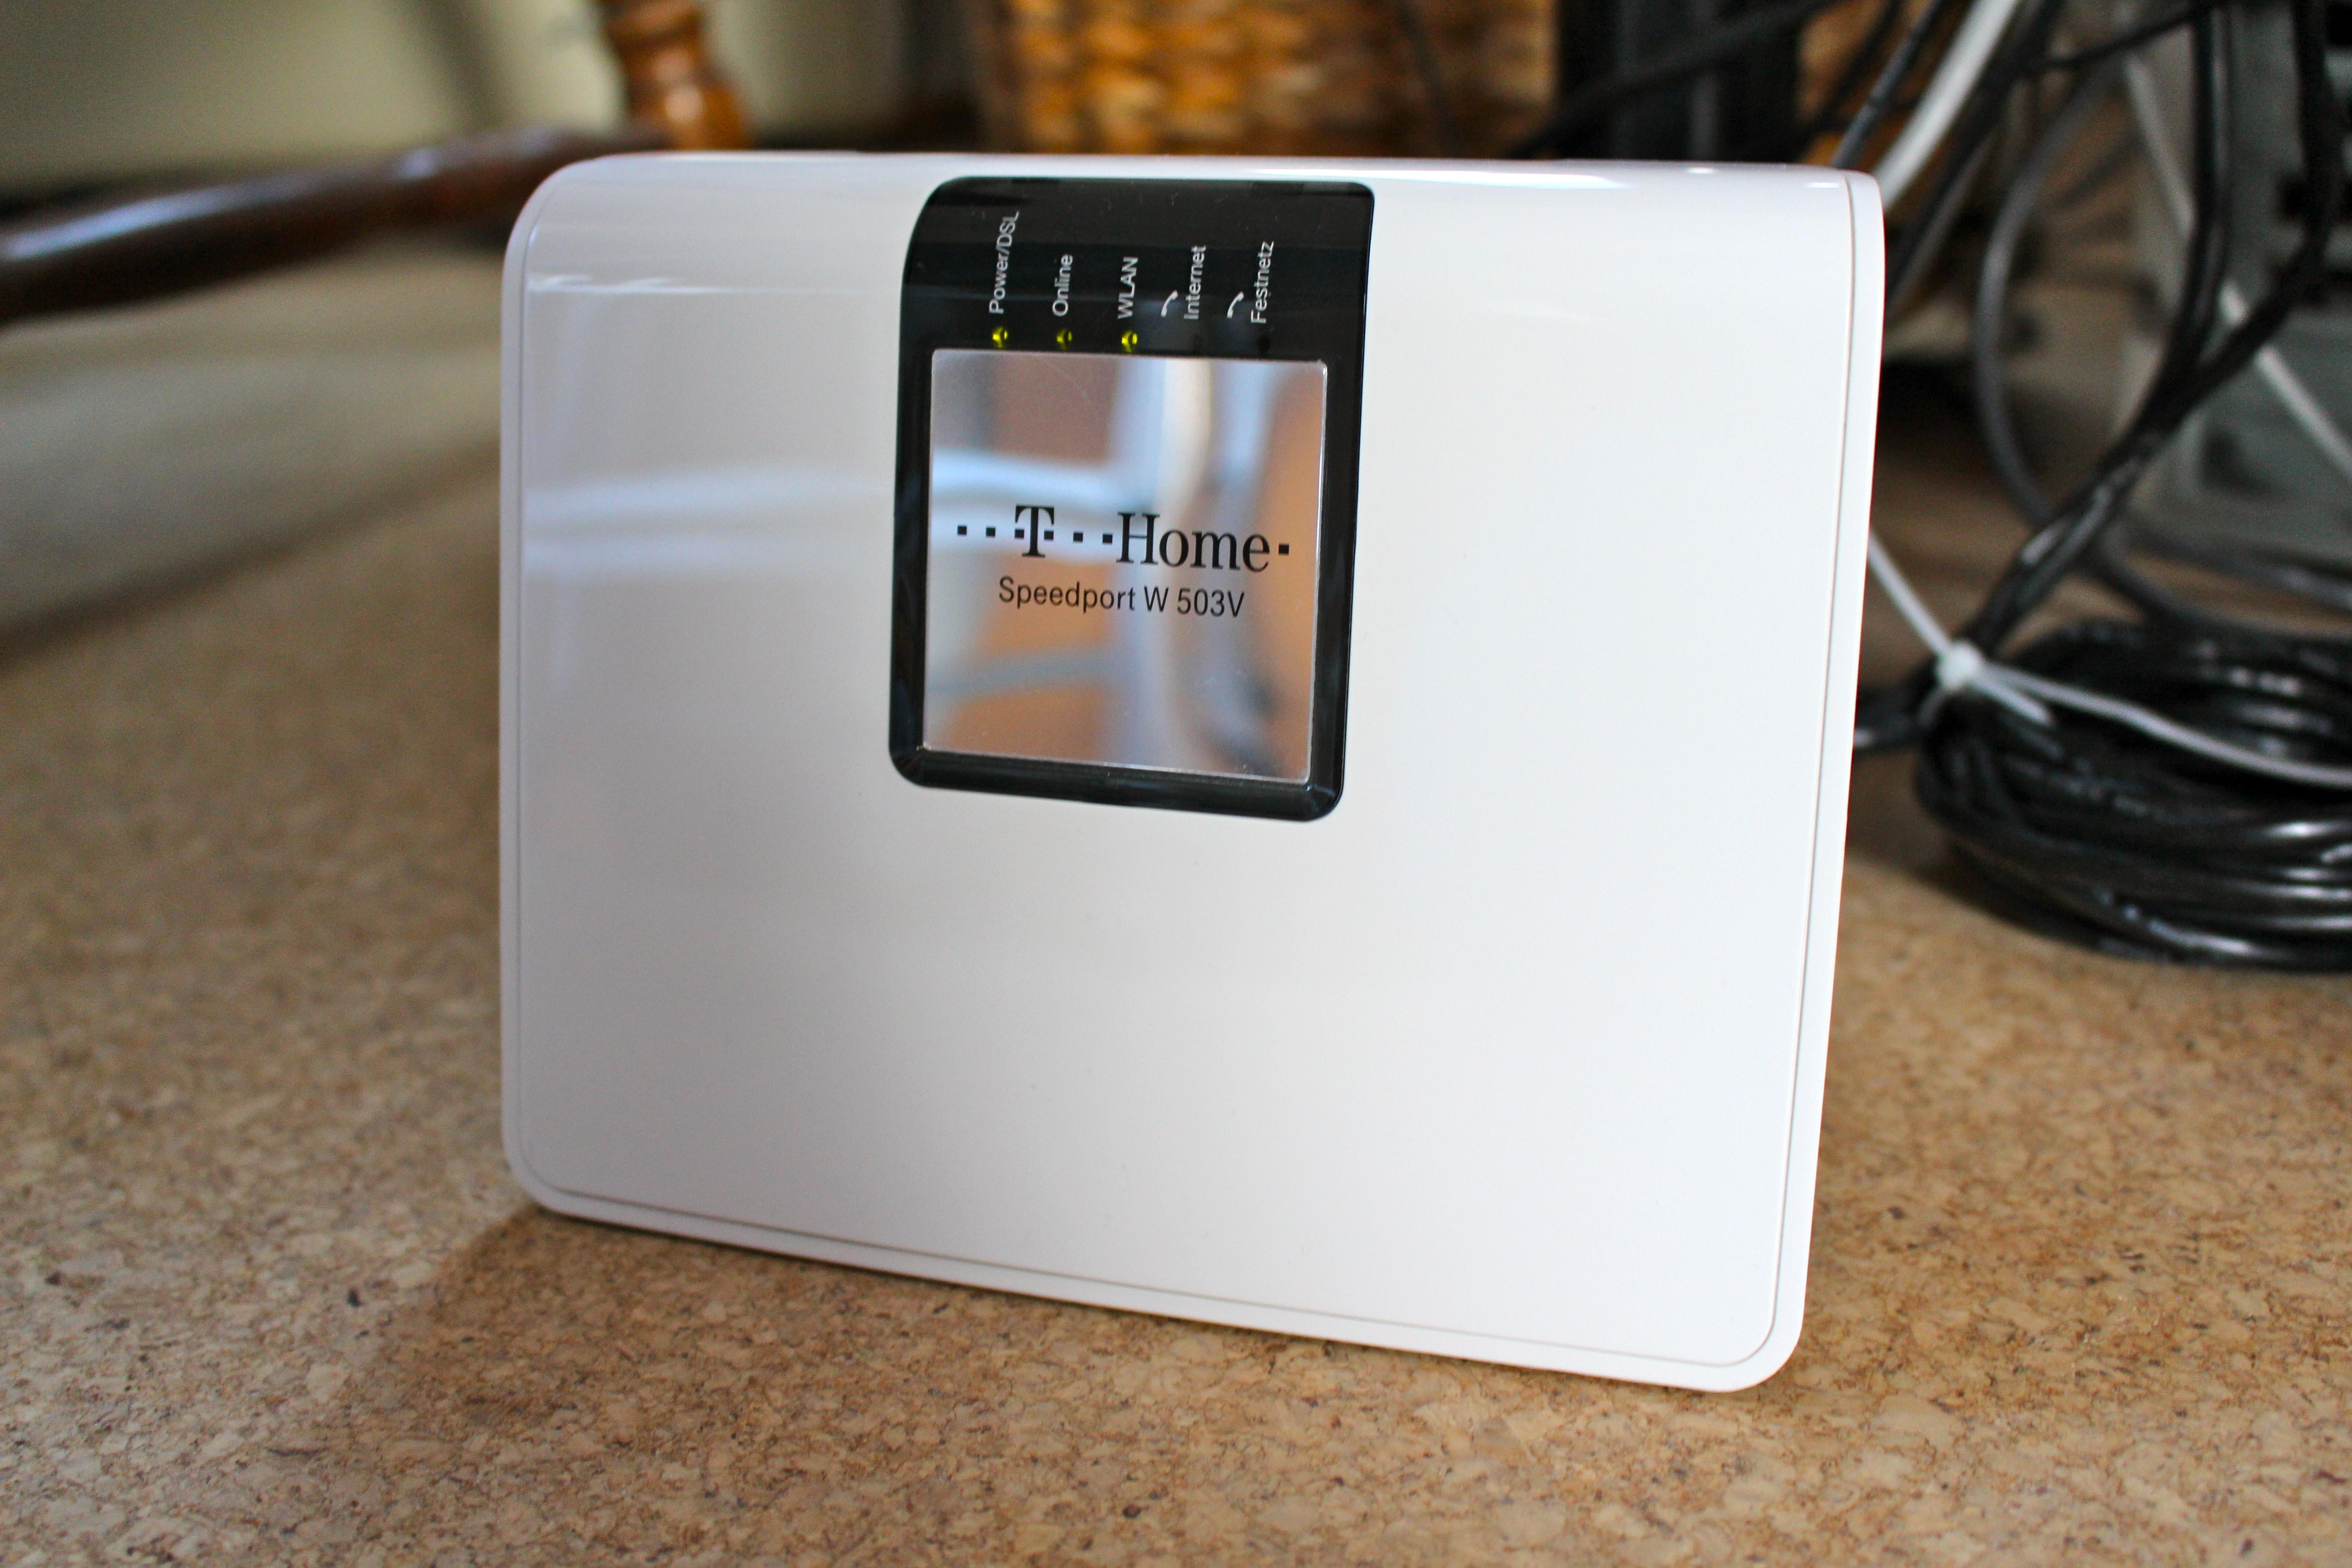 wie kann ich einen speedport router aktualisieren. Black Bedroom Furniture Sets. Home Design Ideas